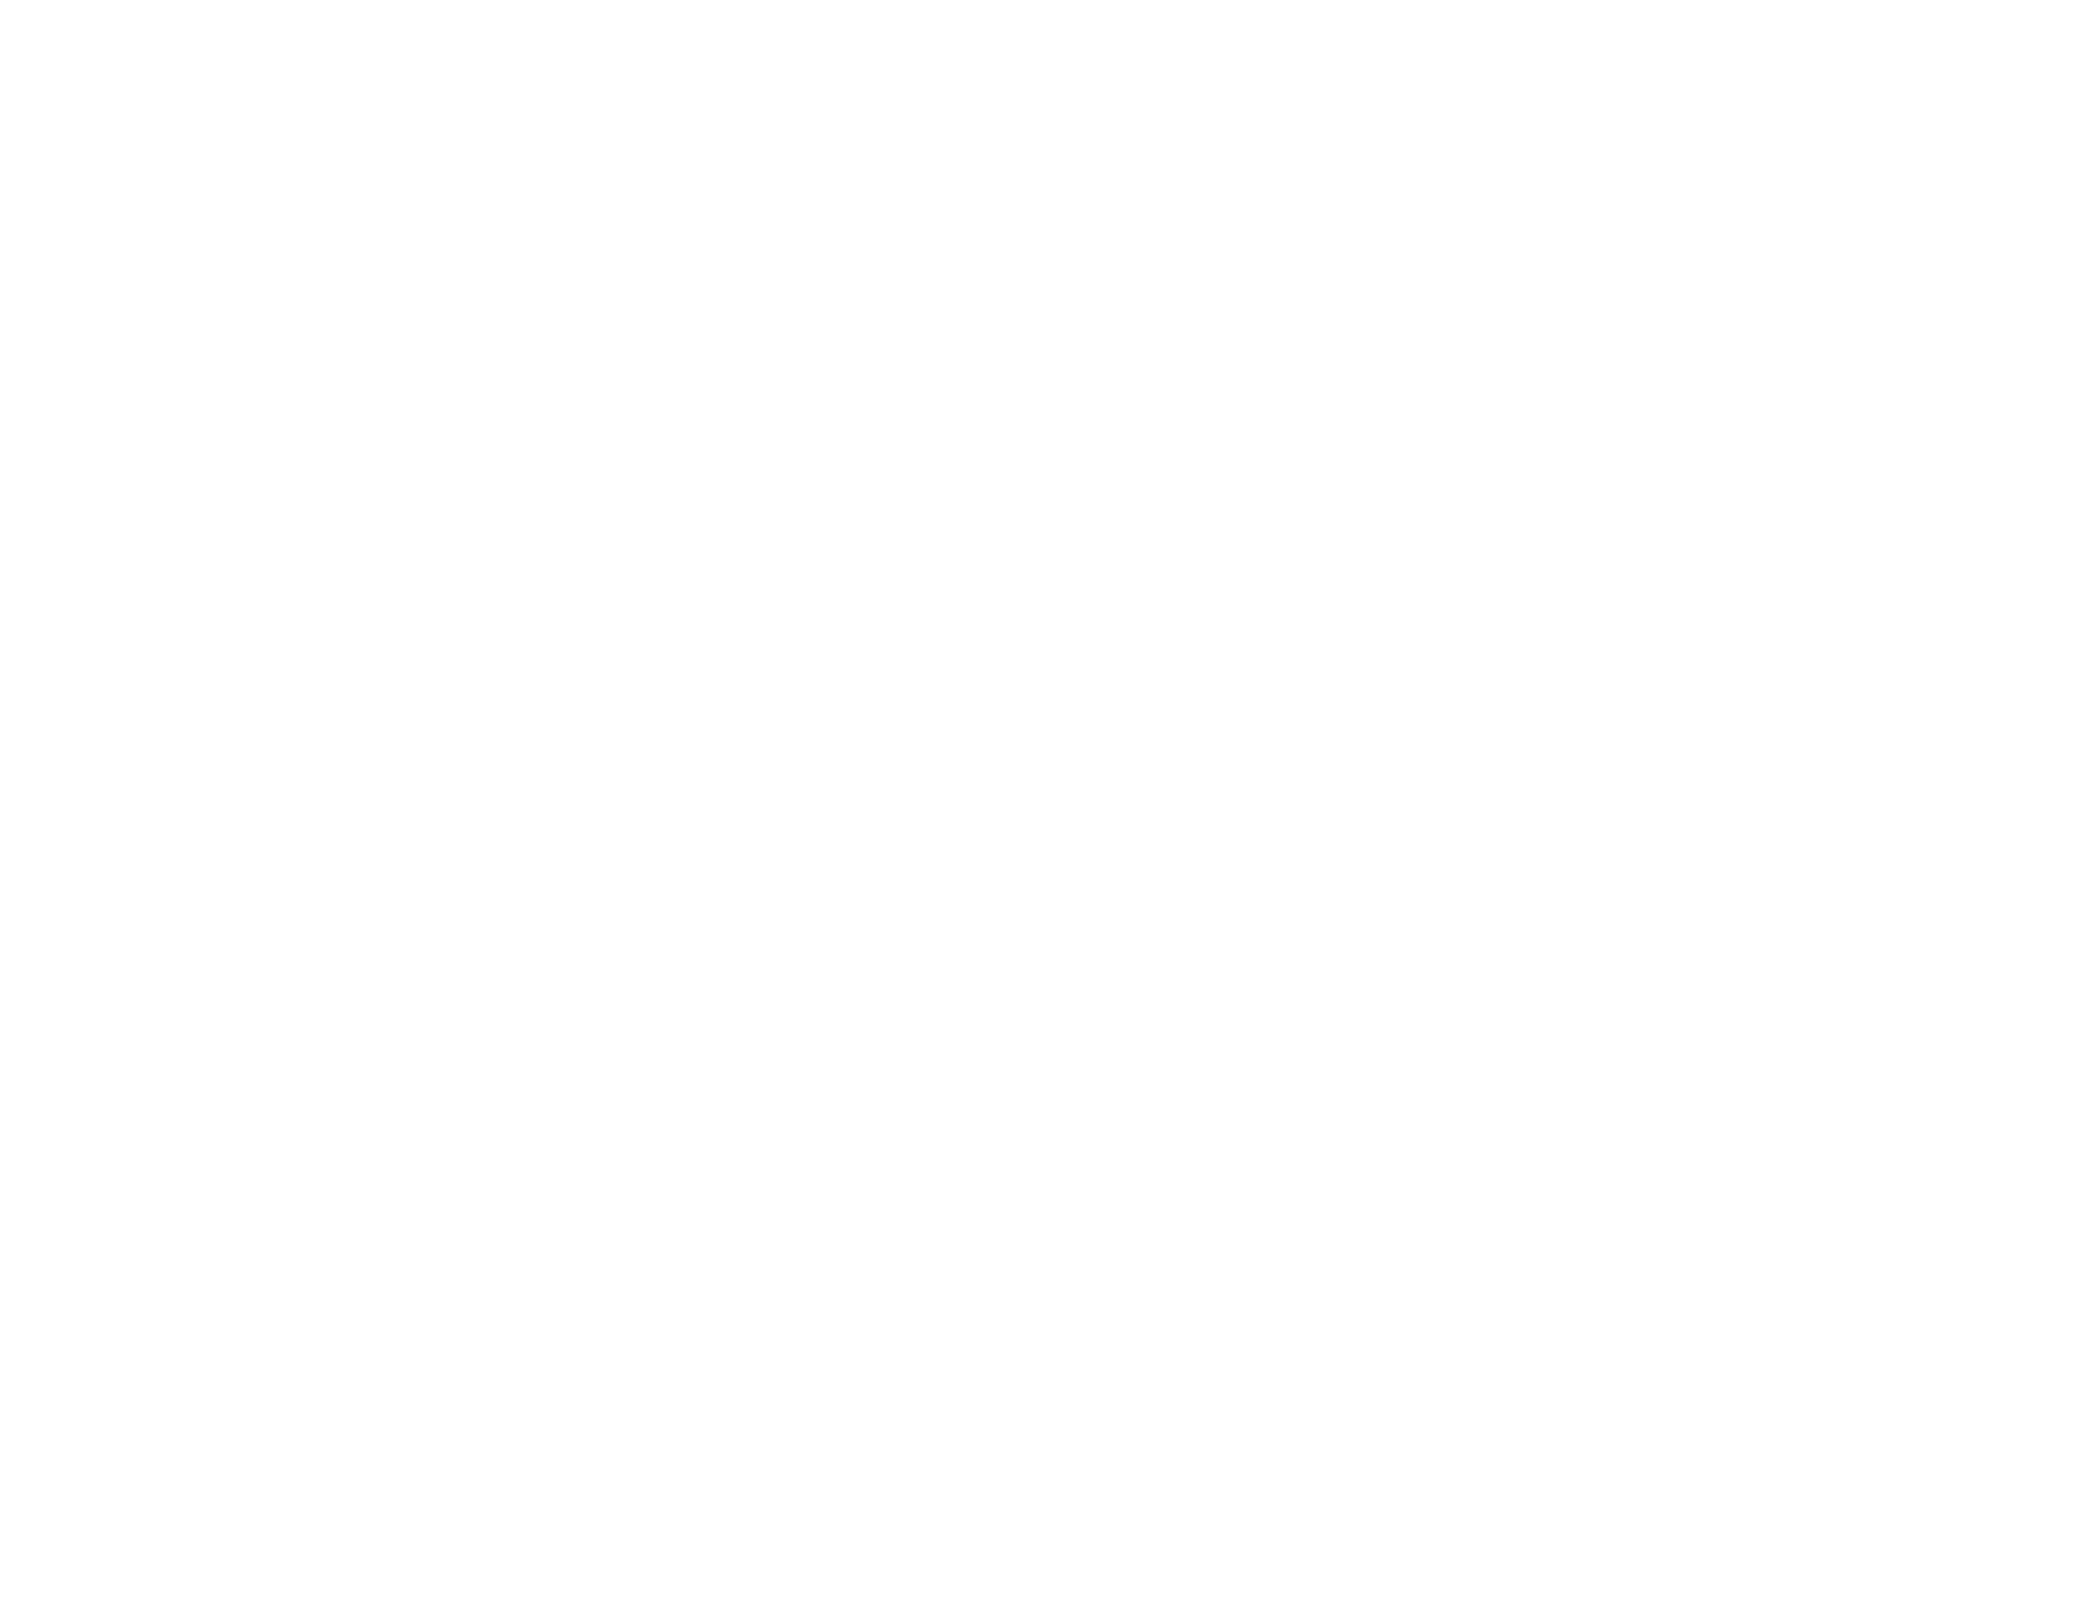 myorc-01.png